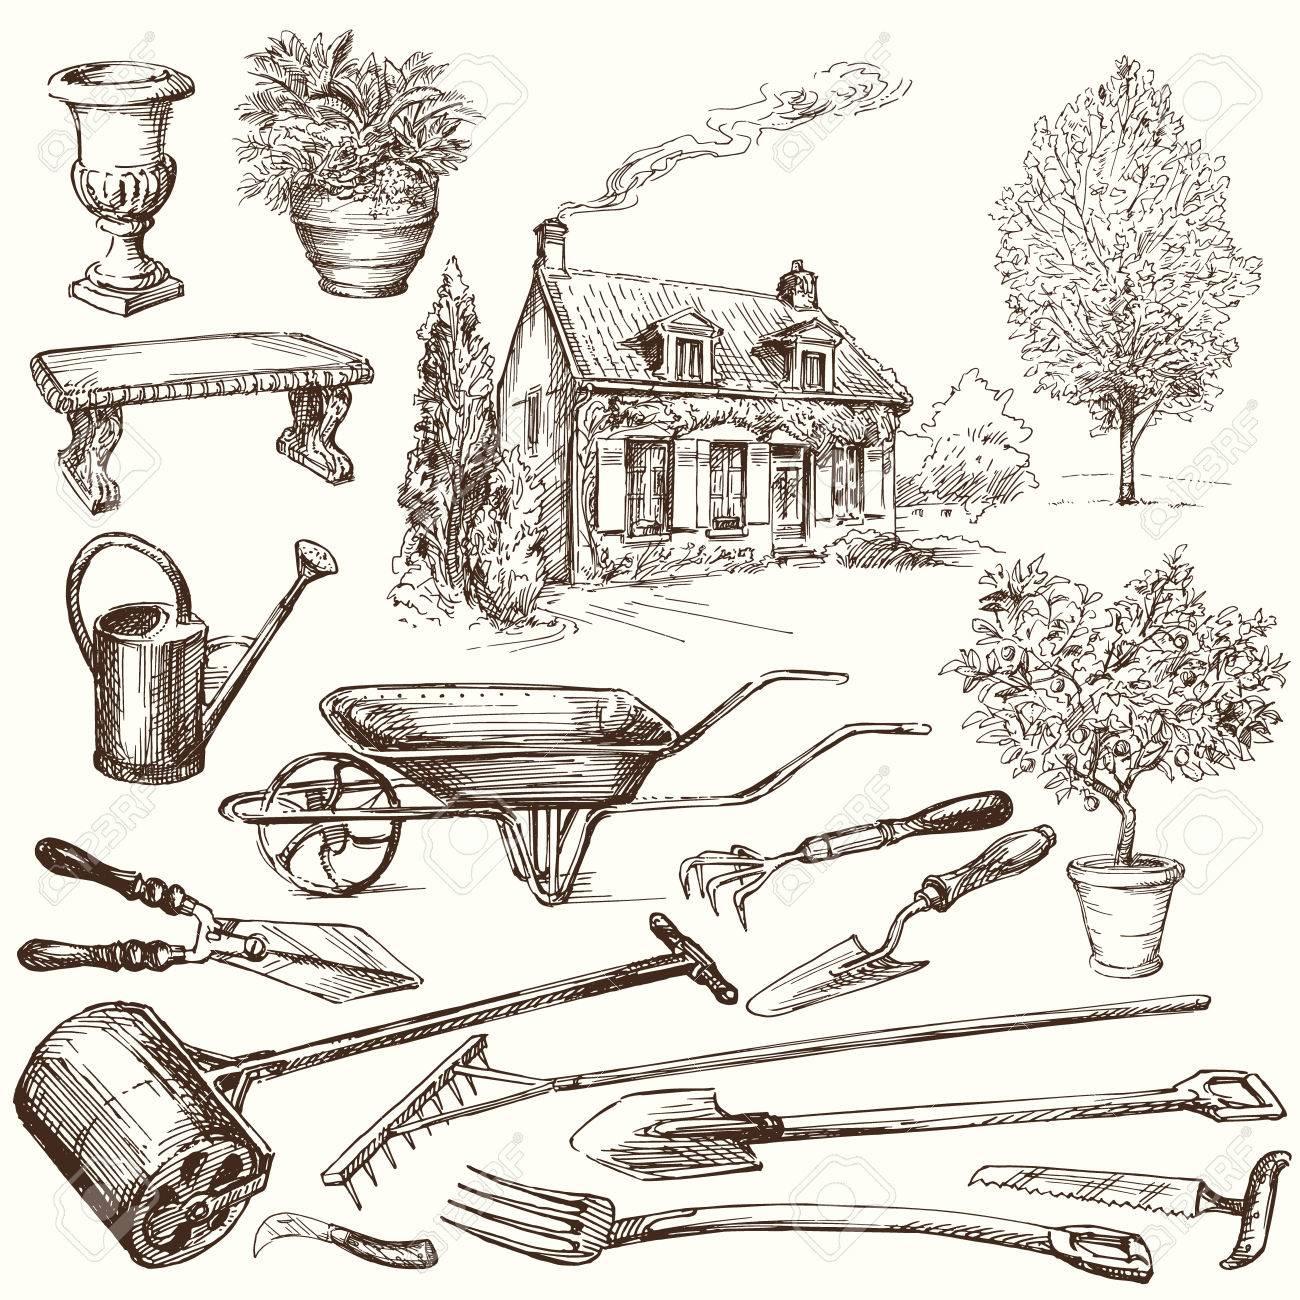 gardening, garden tools - hand drawn collection Standard-Bild - 36853309